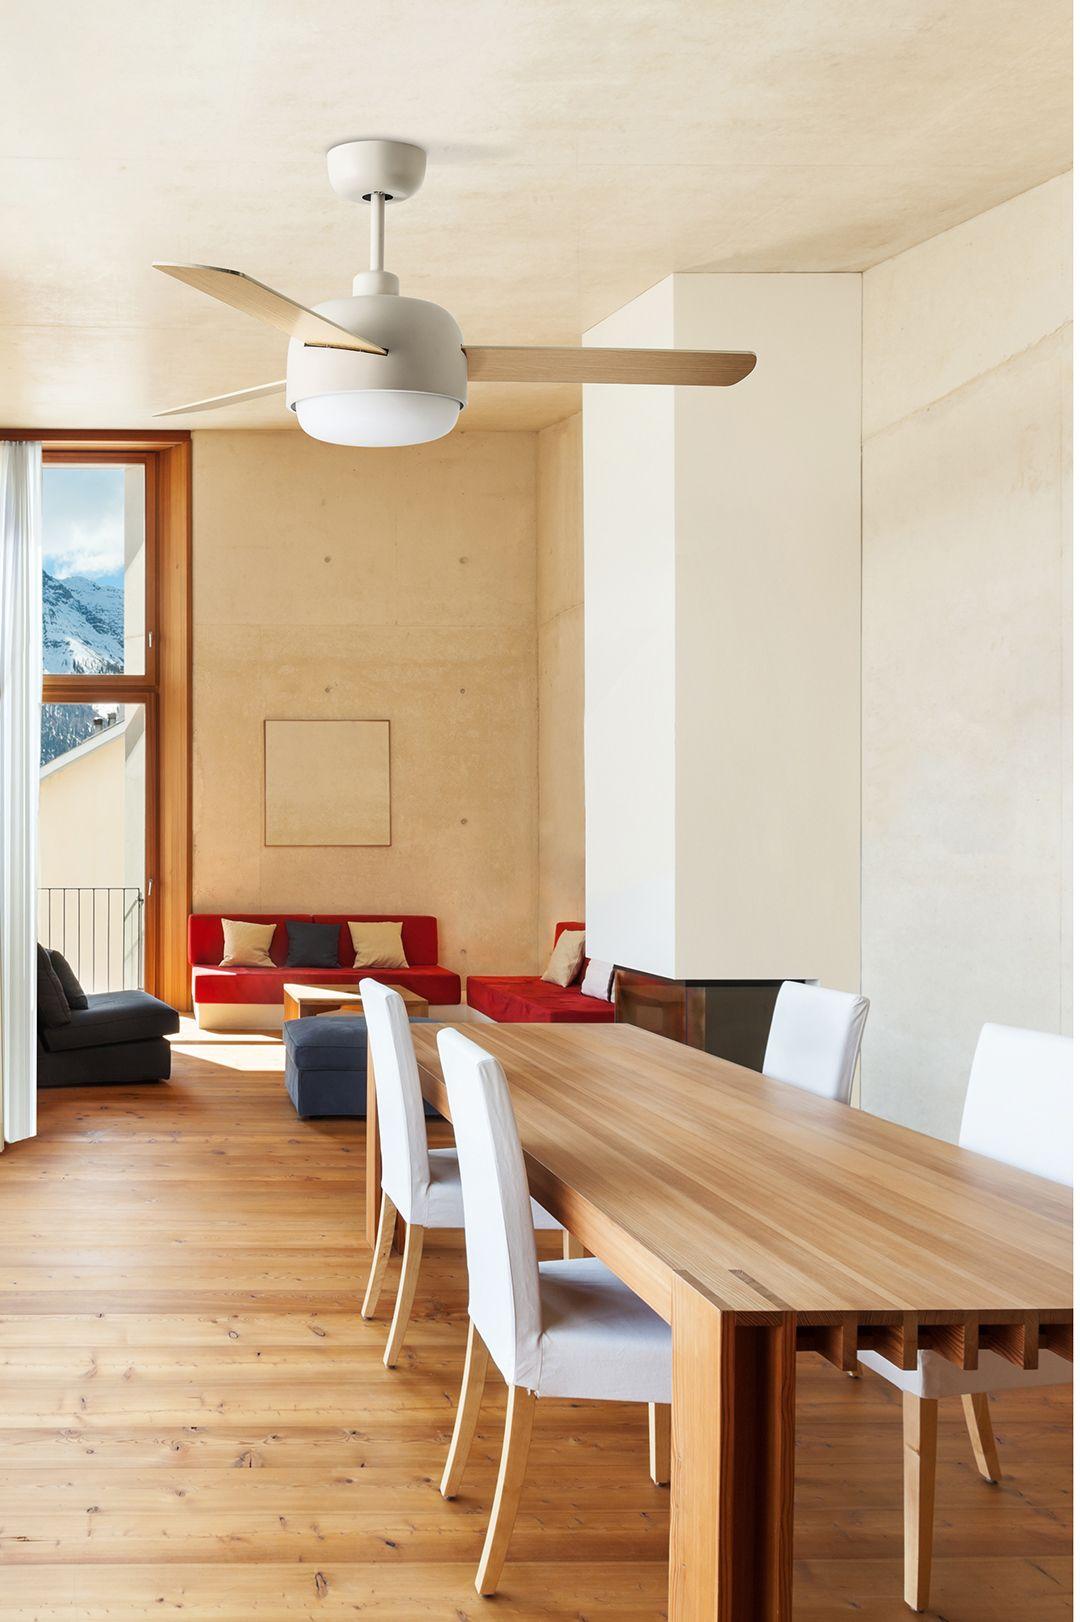 Samba Un Ventilateur De Plafond Moderne Ideal Pour Es Pieces Moyenne Grande Plafond Moderne Ventilateur Plafond Ventilateur